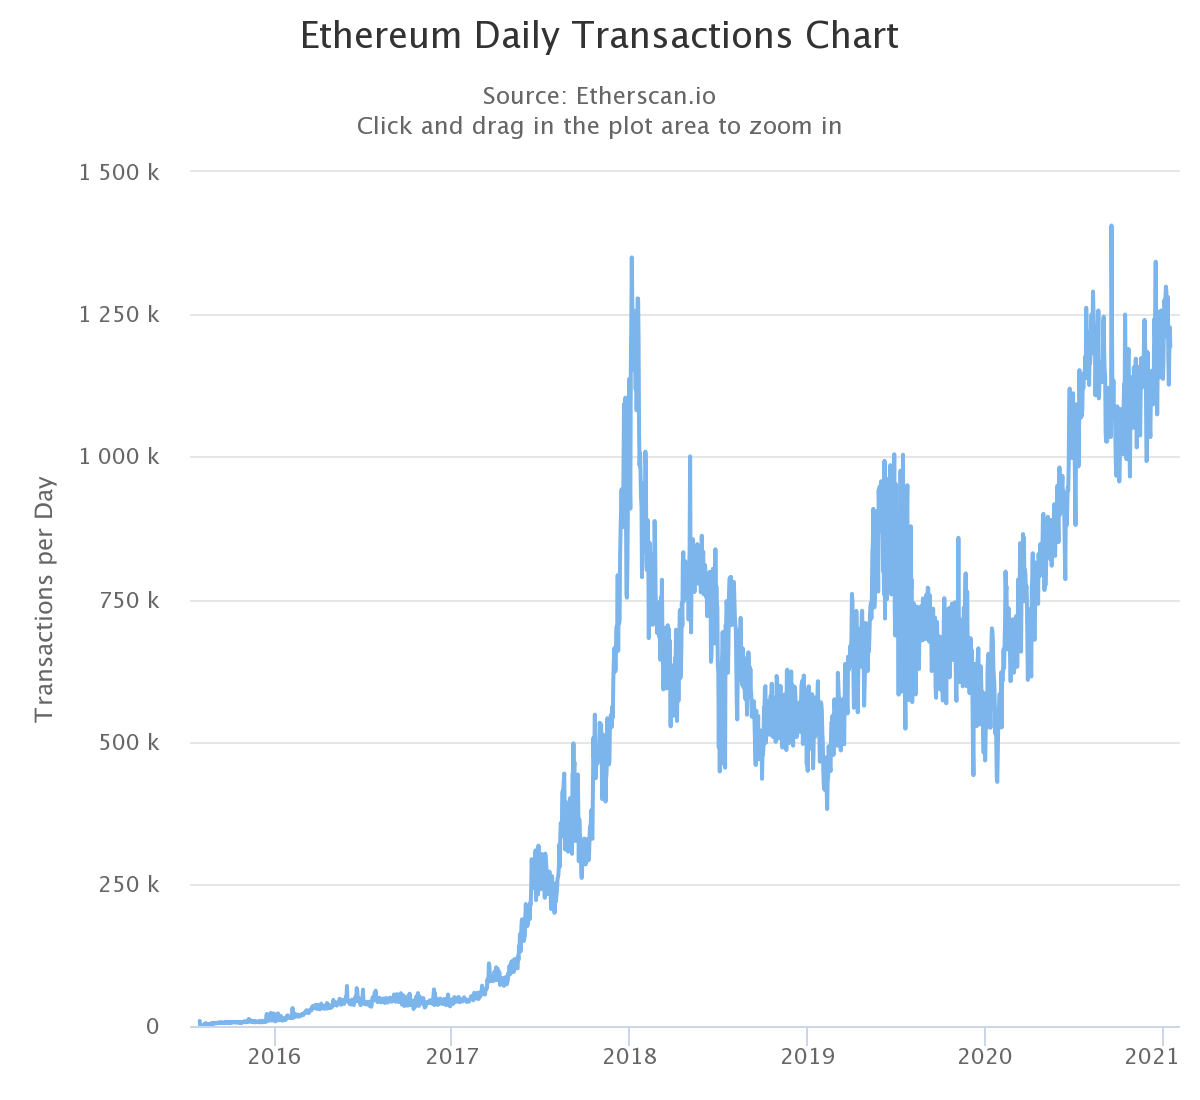 Ethereum tägliche Transaktionen